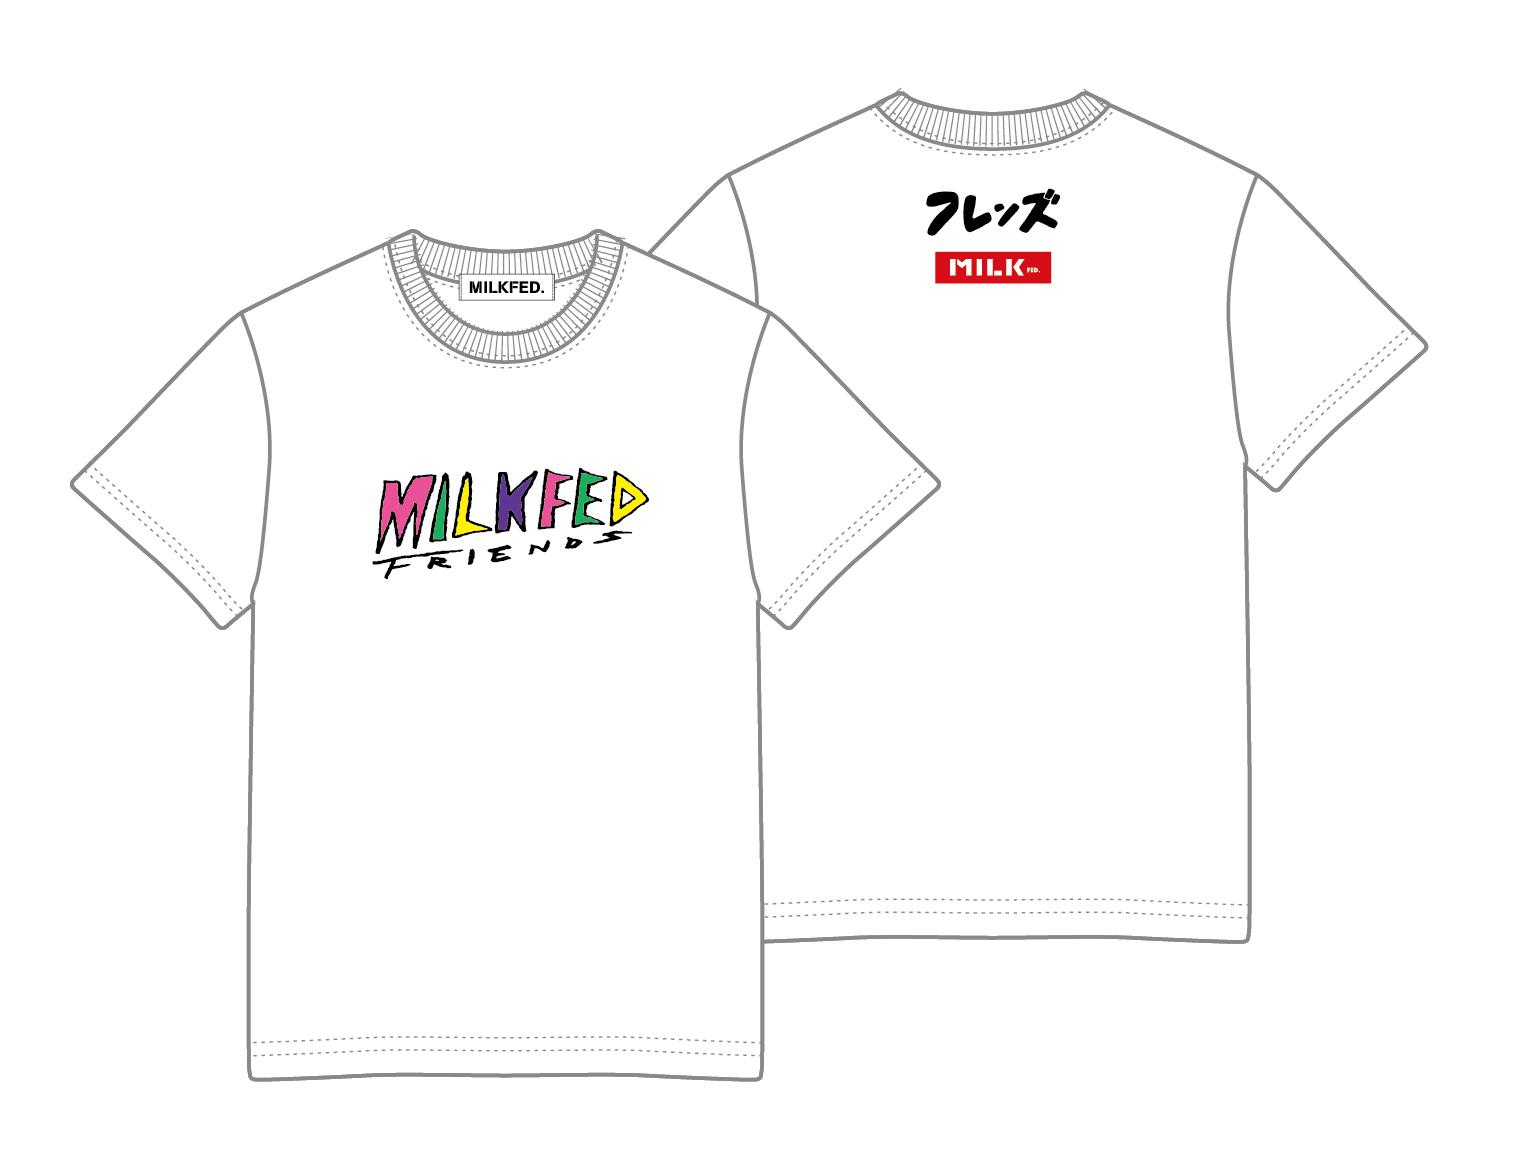 【配送商品】フレンズ × MILKFED. コラボTシャツ WHITE(S)の画像